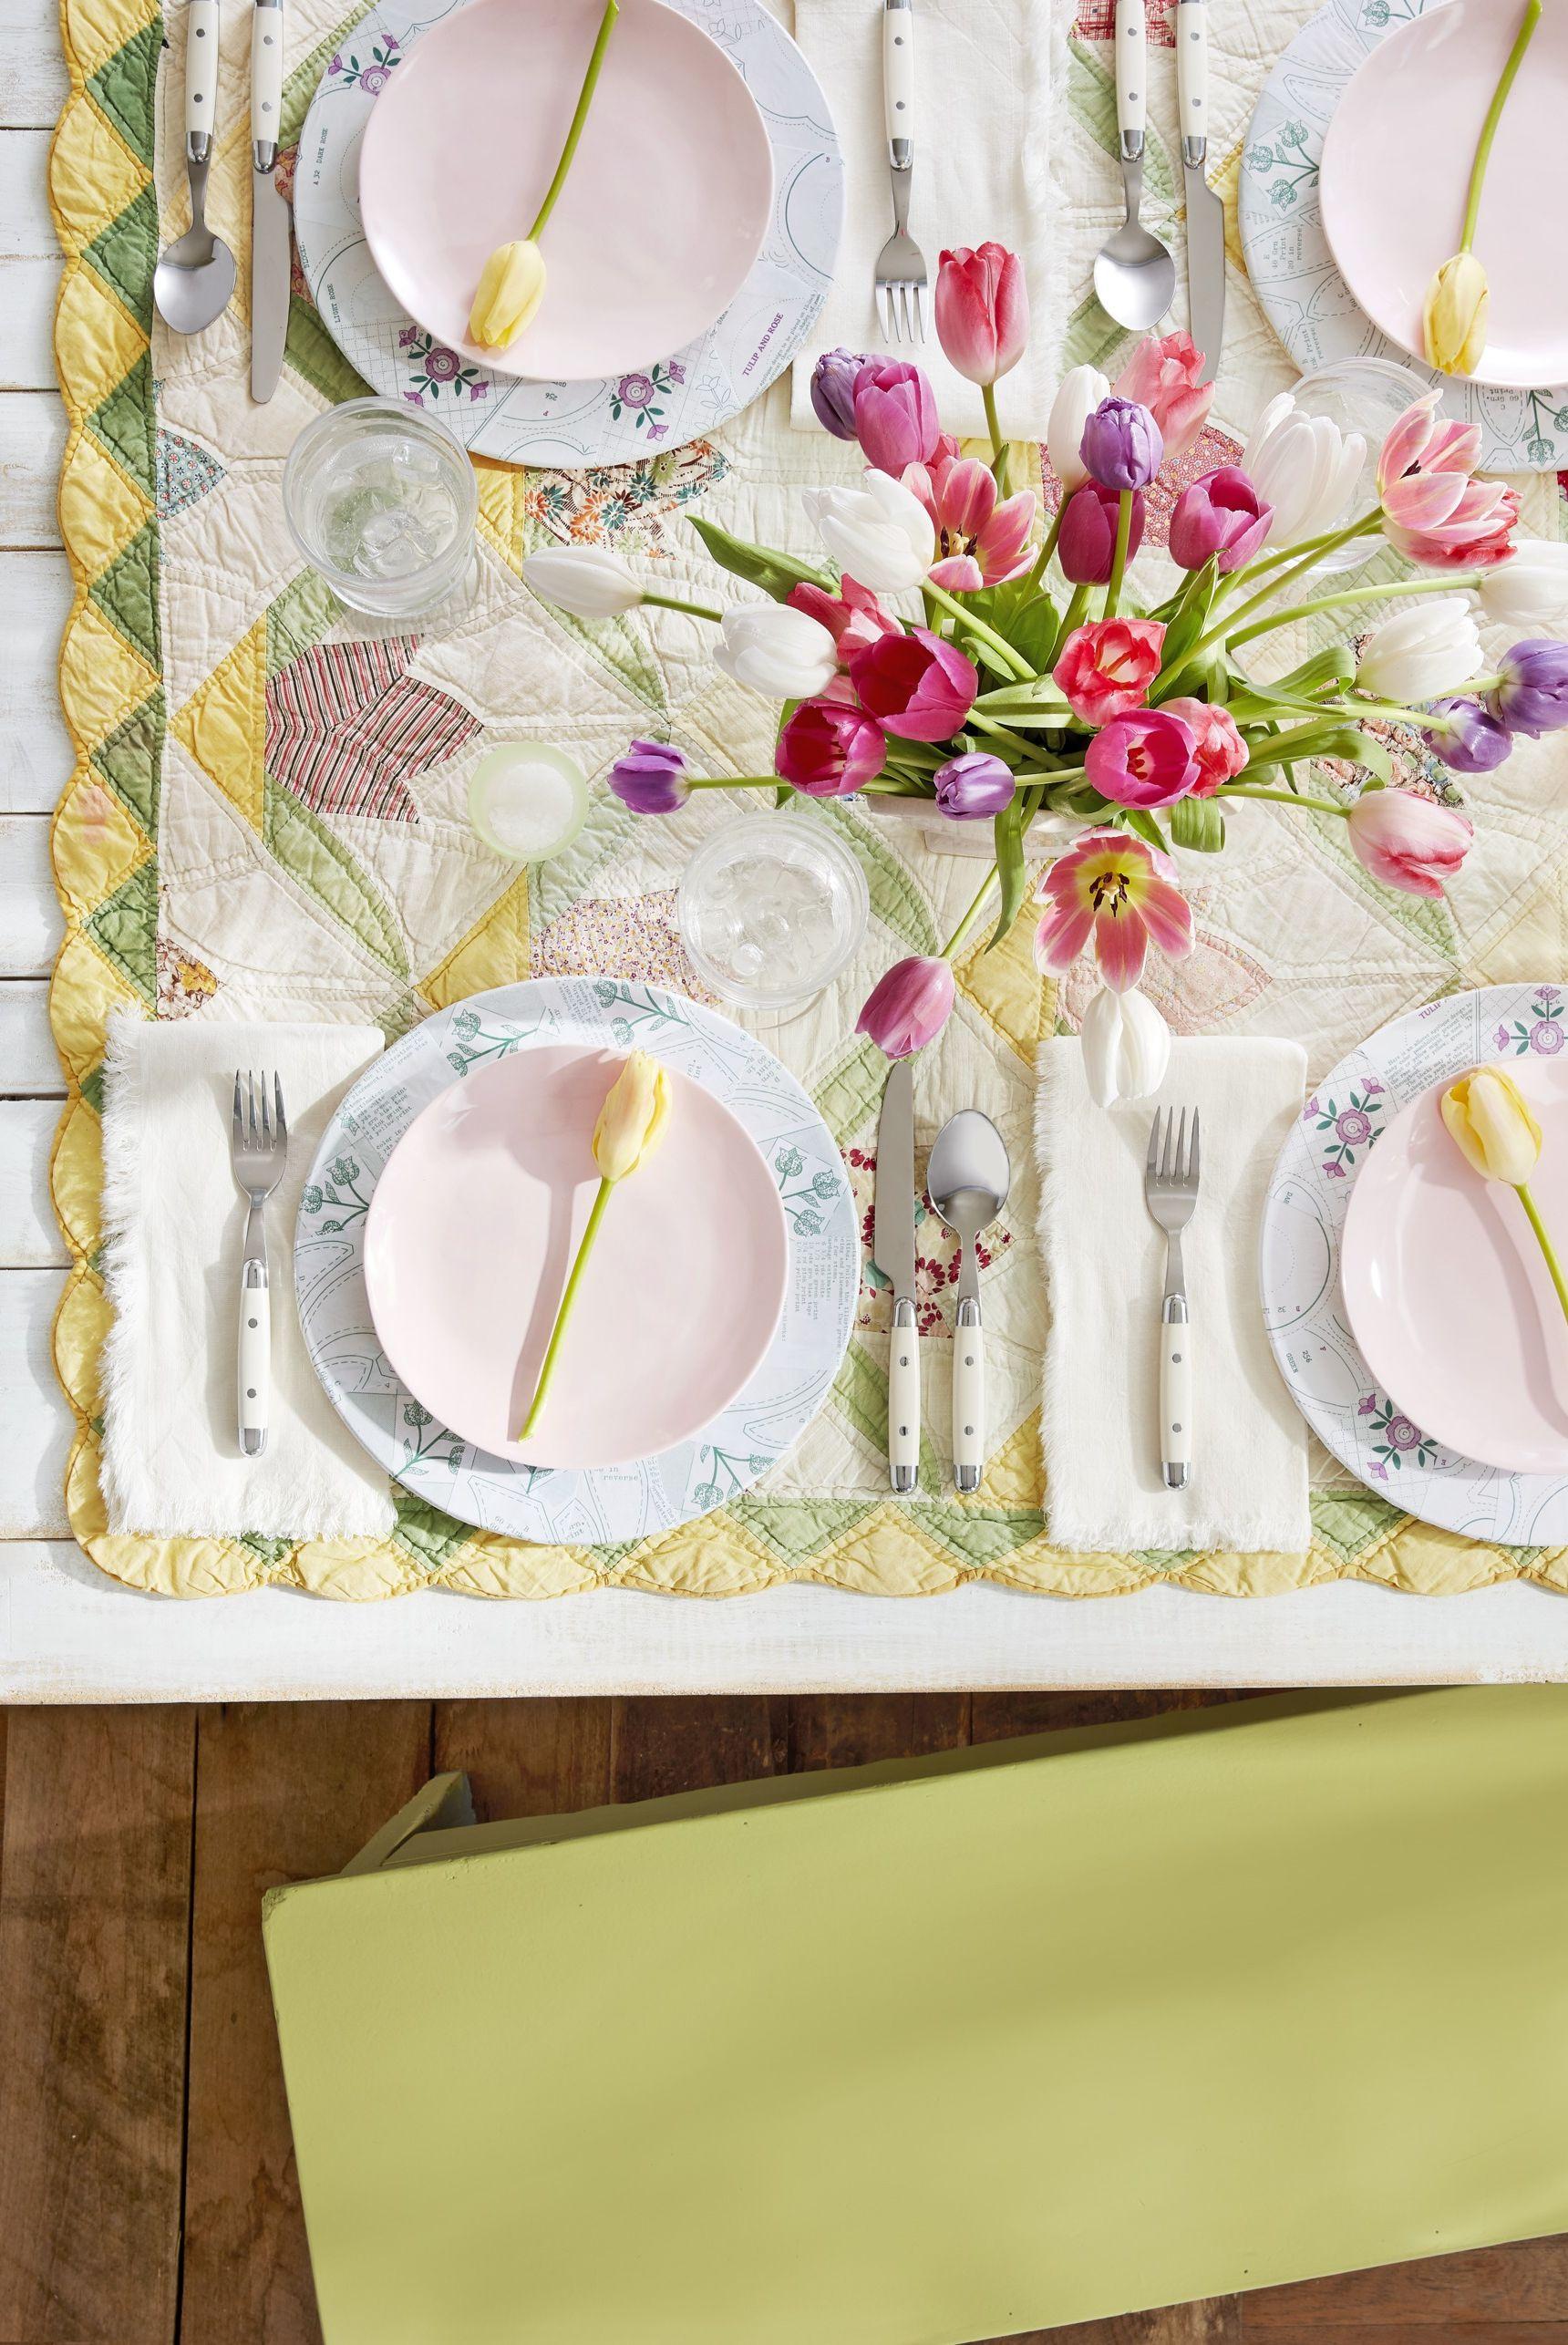 quilt tablecloth rustic bridal shower idea